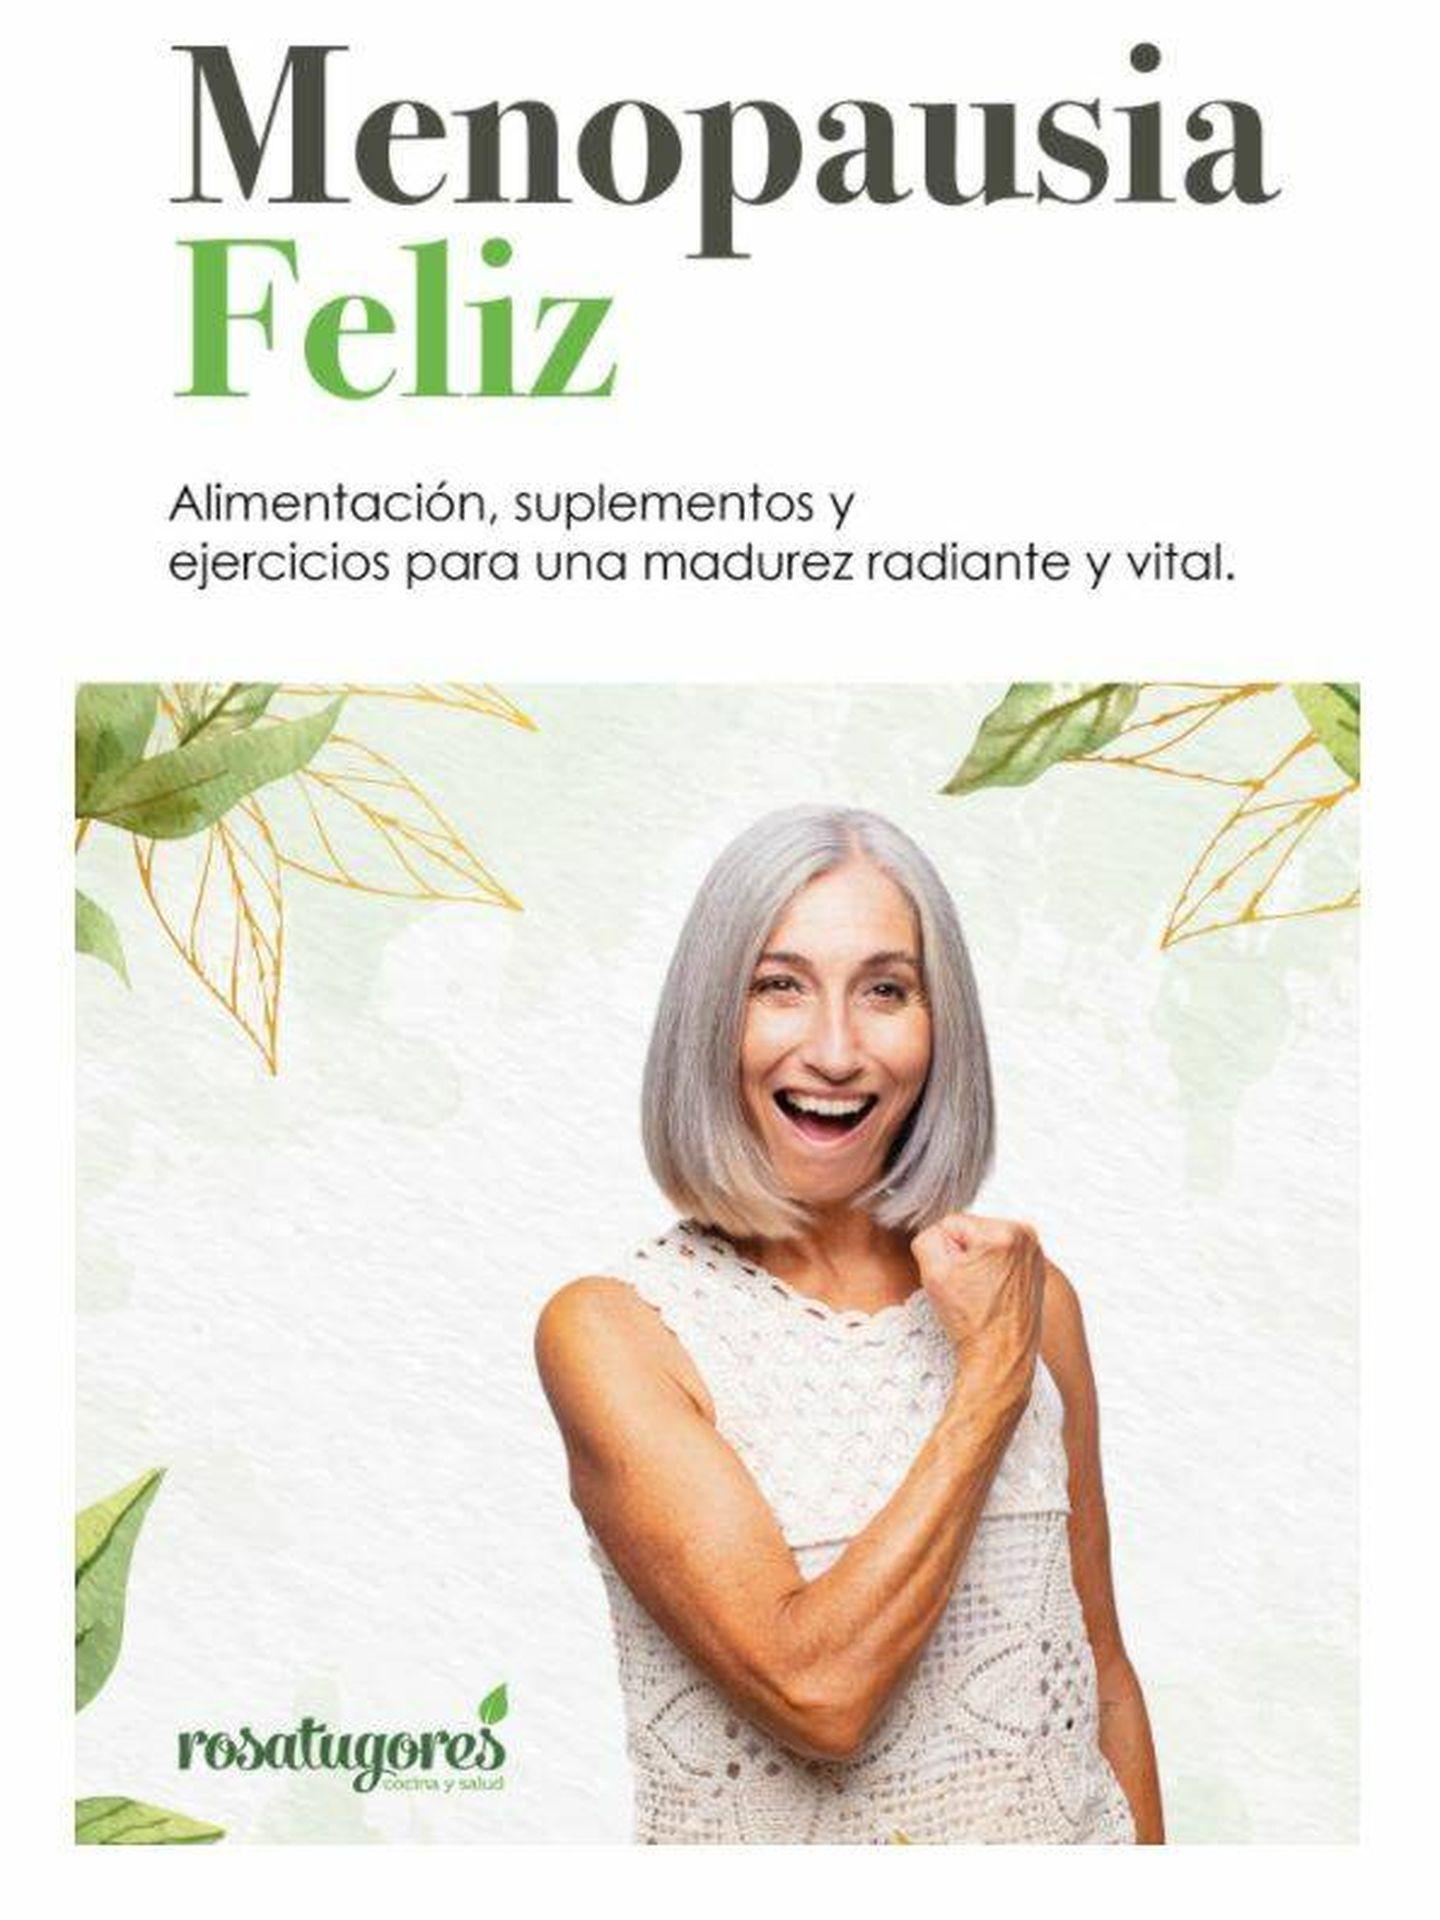 'Menopausia feliz' a la venta en Amazon. (Cortesía)